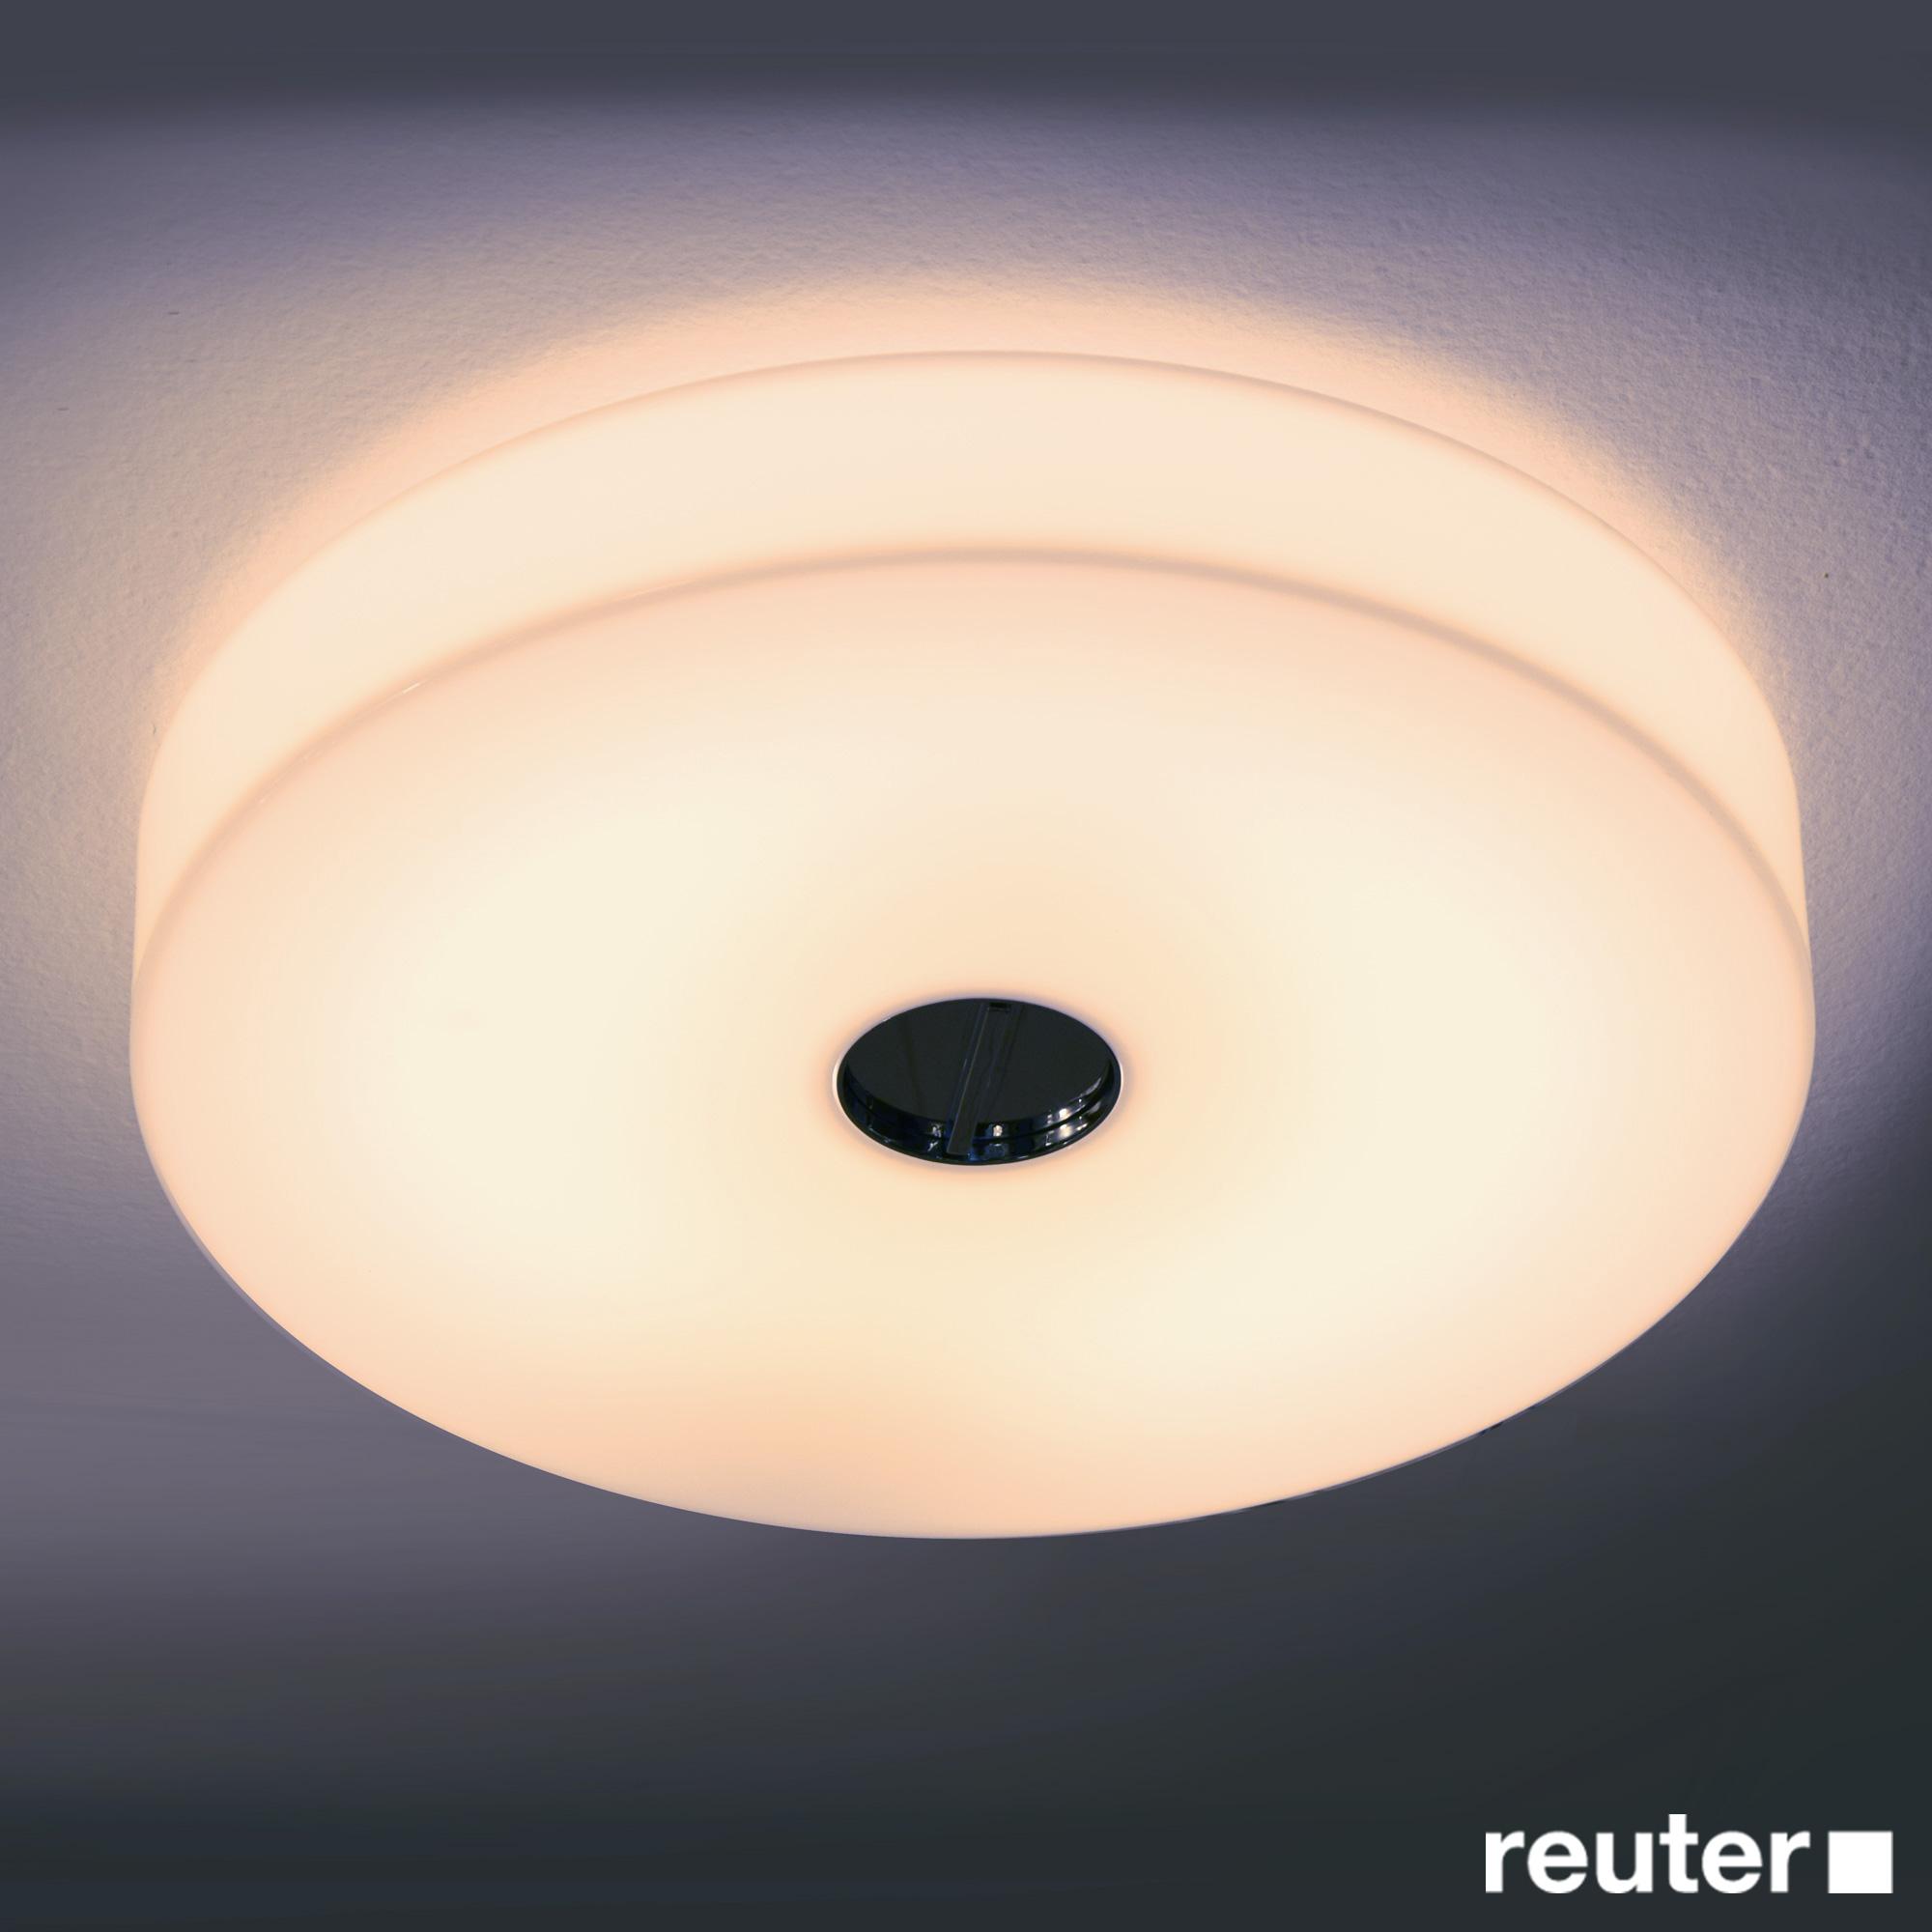 Full Size of Deckenlampen Ideen Schlafzimmer Ebay Usa Wohnzimmer Bad Renovieren Modern Tapeten Für Wohnzimmer Deckenlampen Ideen